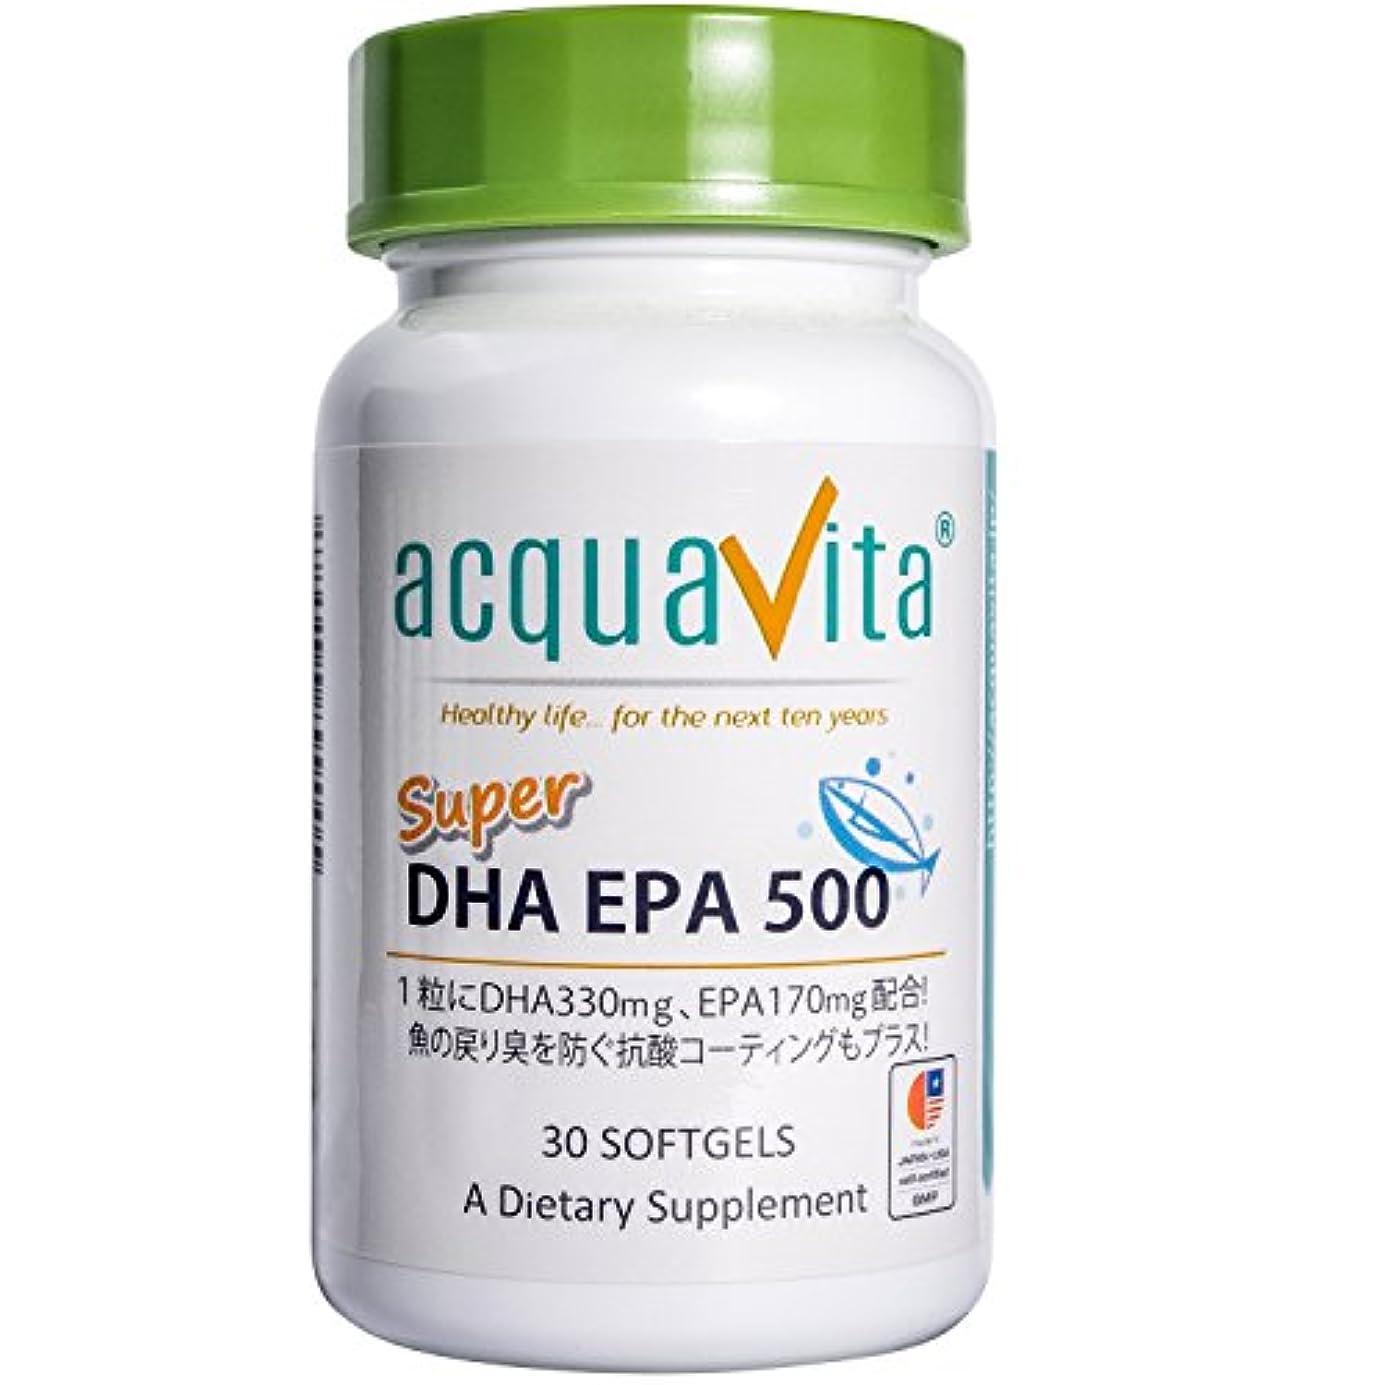 クラウド並外れた有名なacquavita(アクアヴィータ) スーパーDHAEPA500 30粒